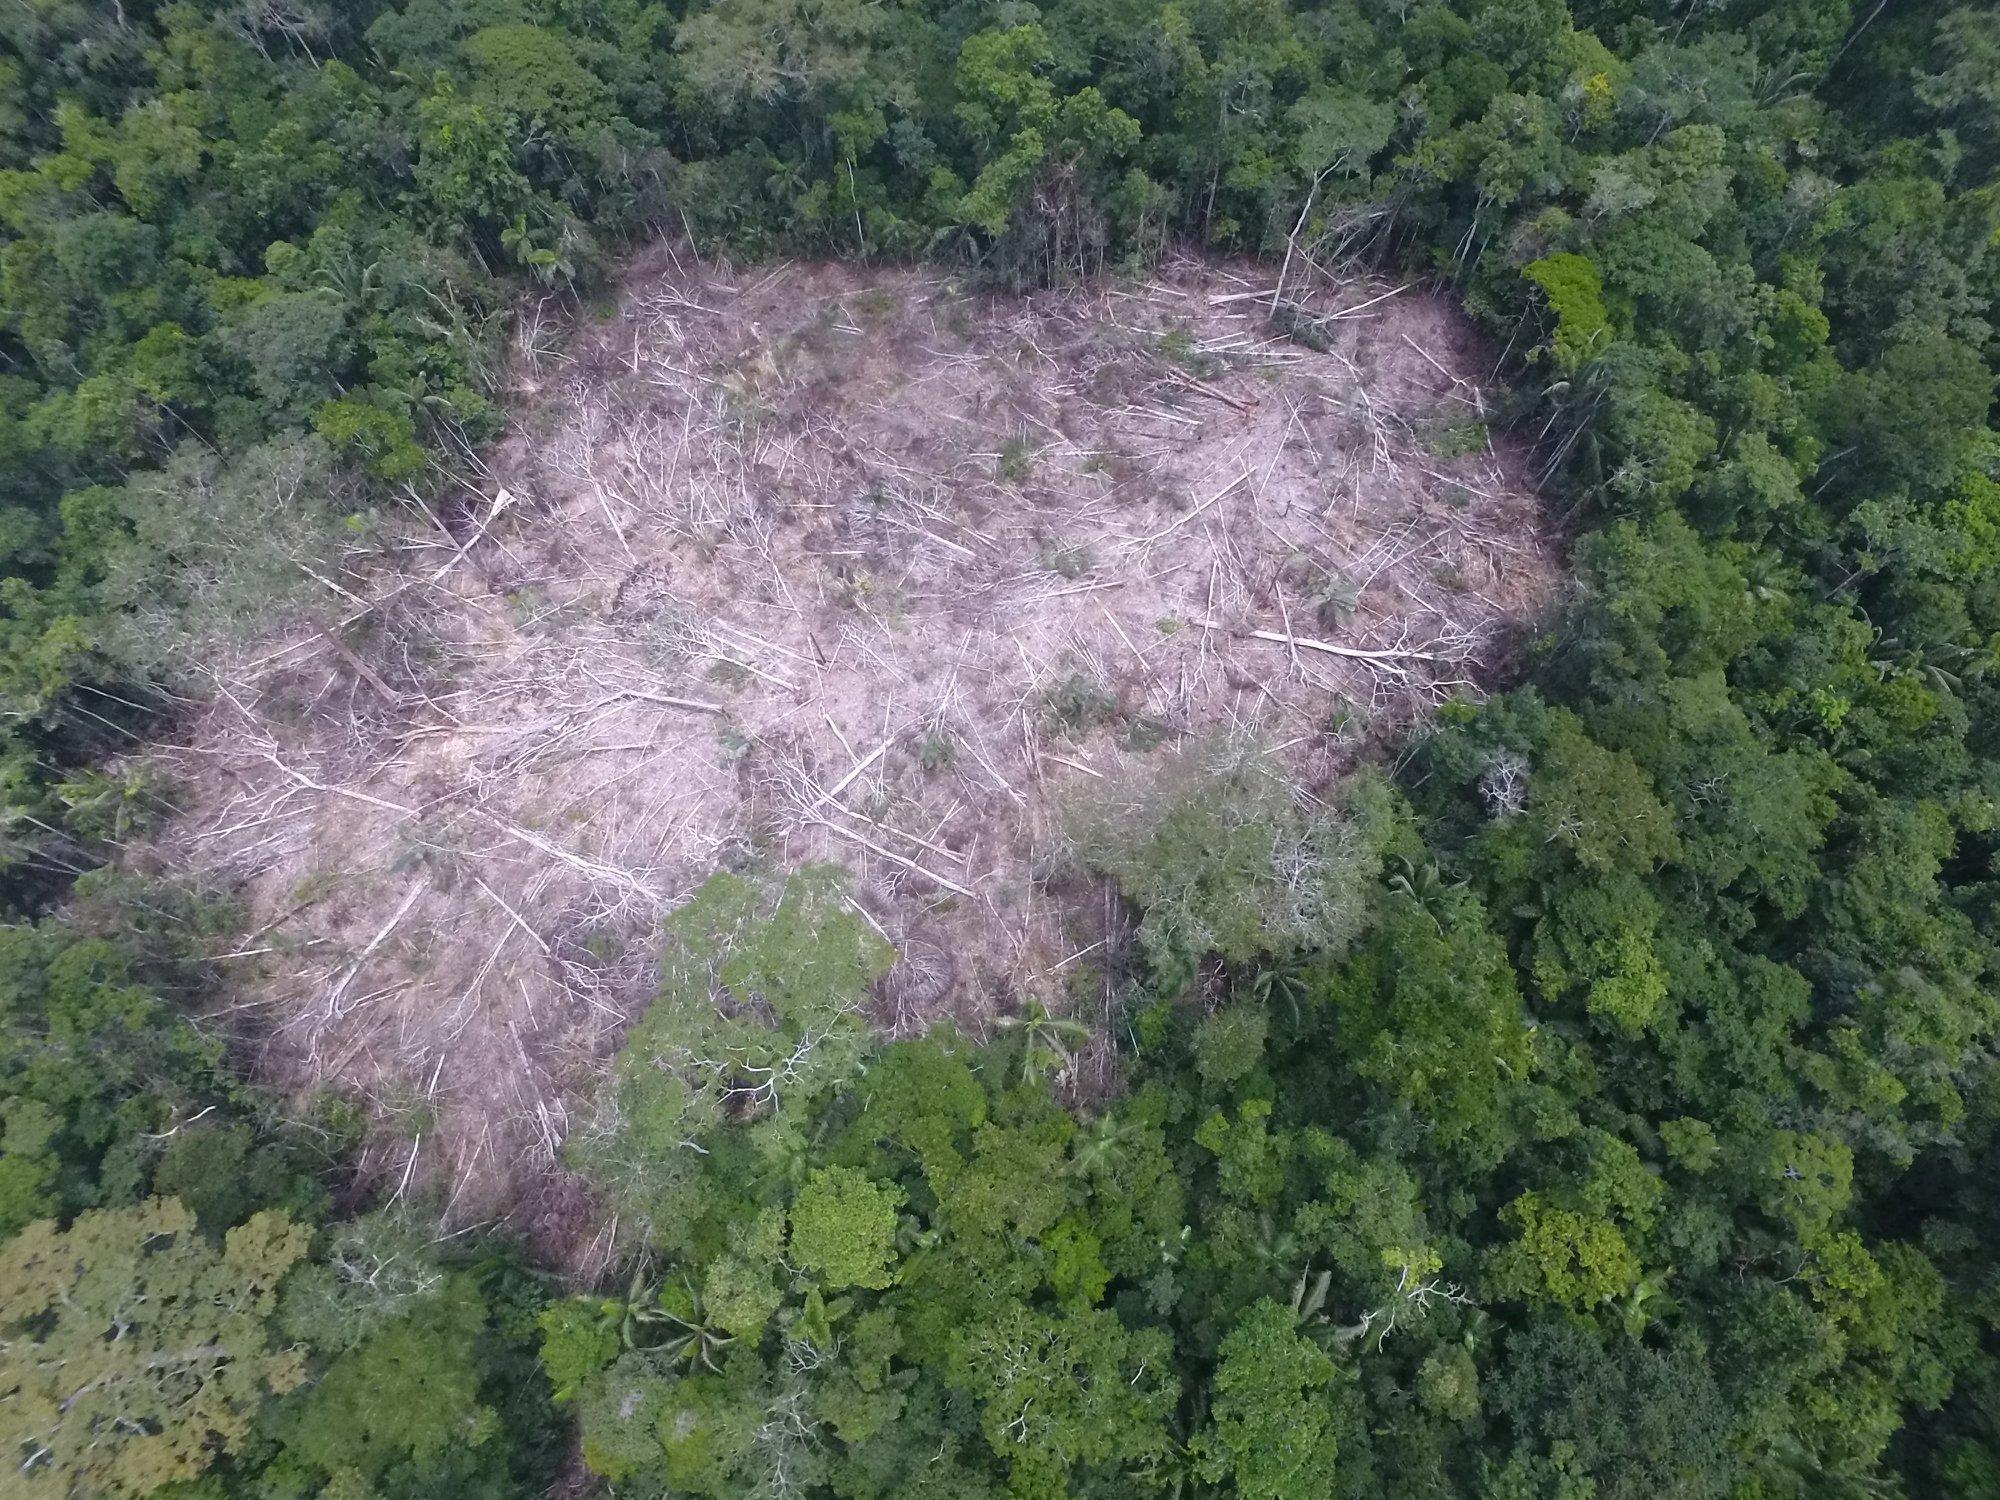 Entre 2017 y 2018 se han deforestado 335 hectáreas del bosque dedicado a la conservación e investigación. Foto: Alumnos de ingeniería forestal de la UNU.